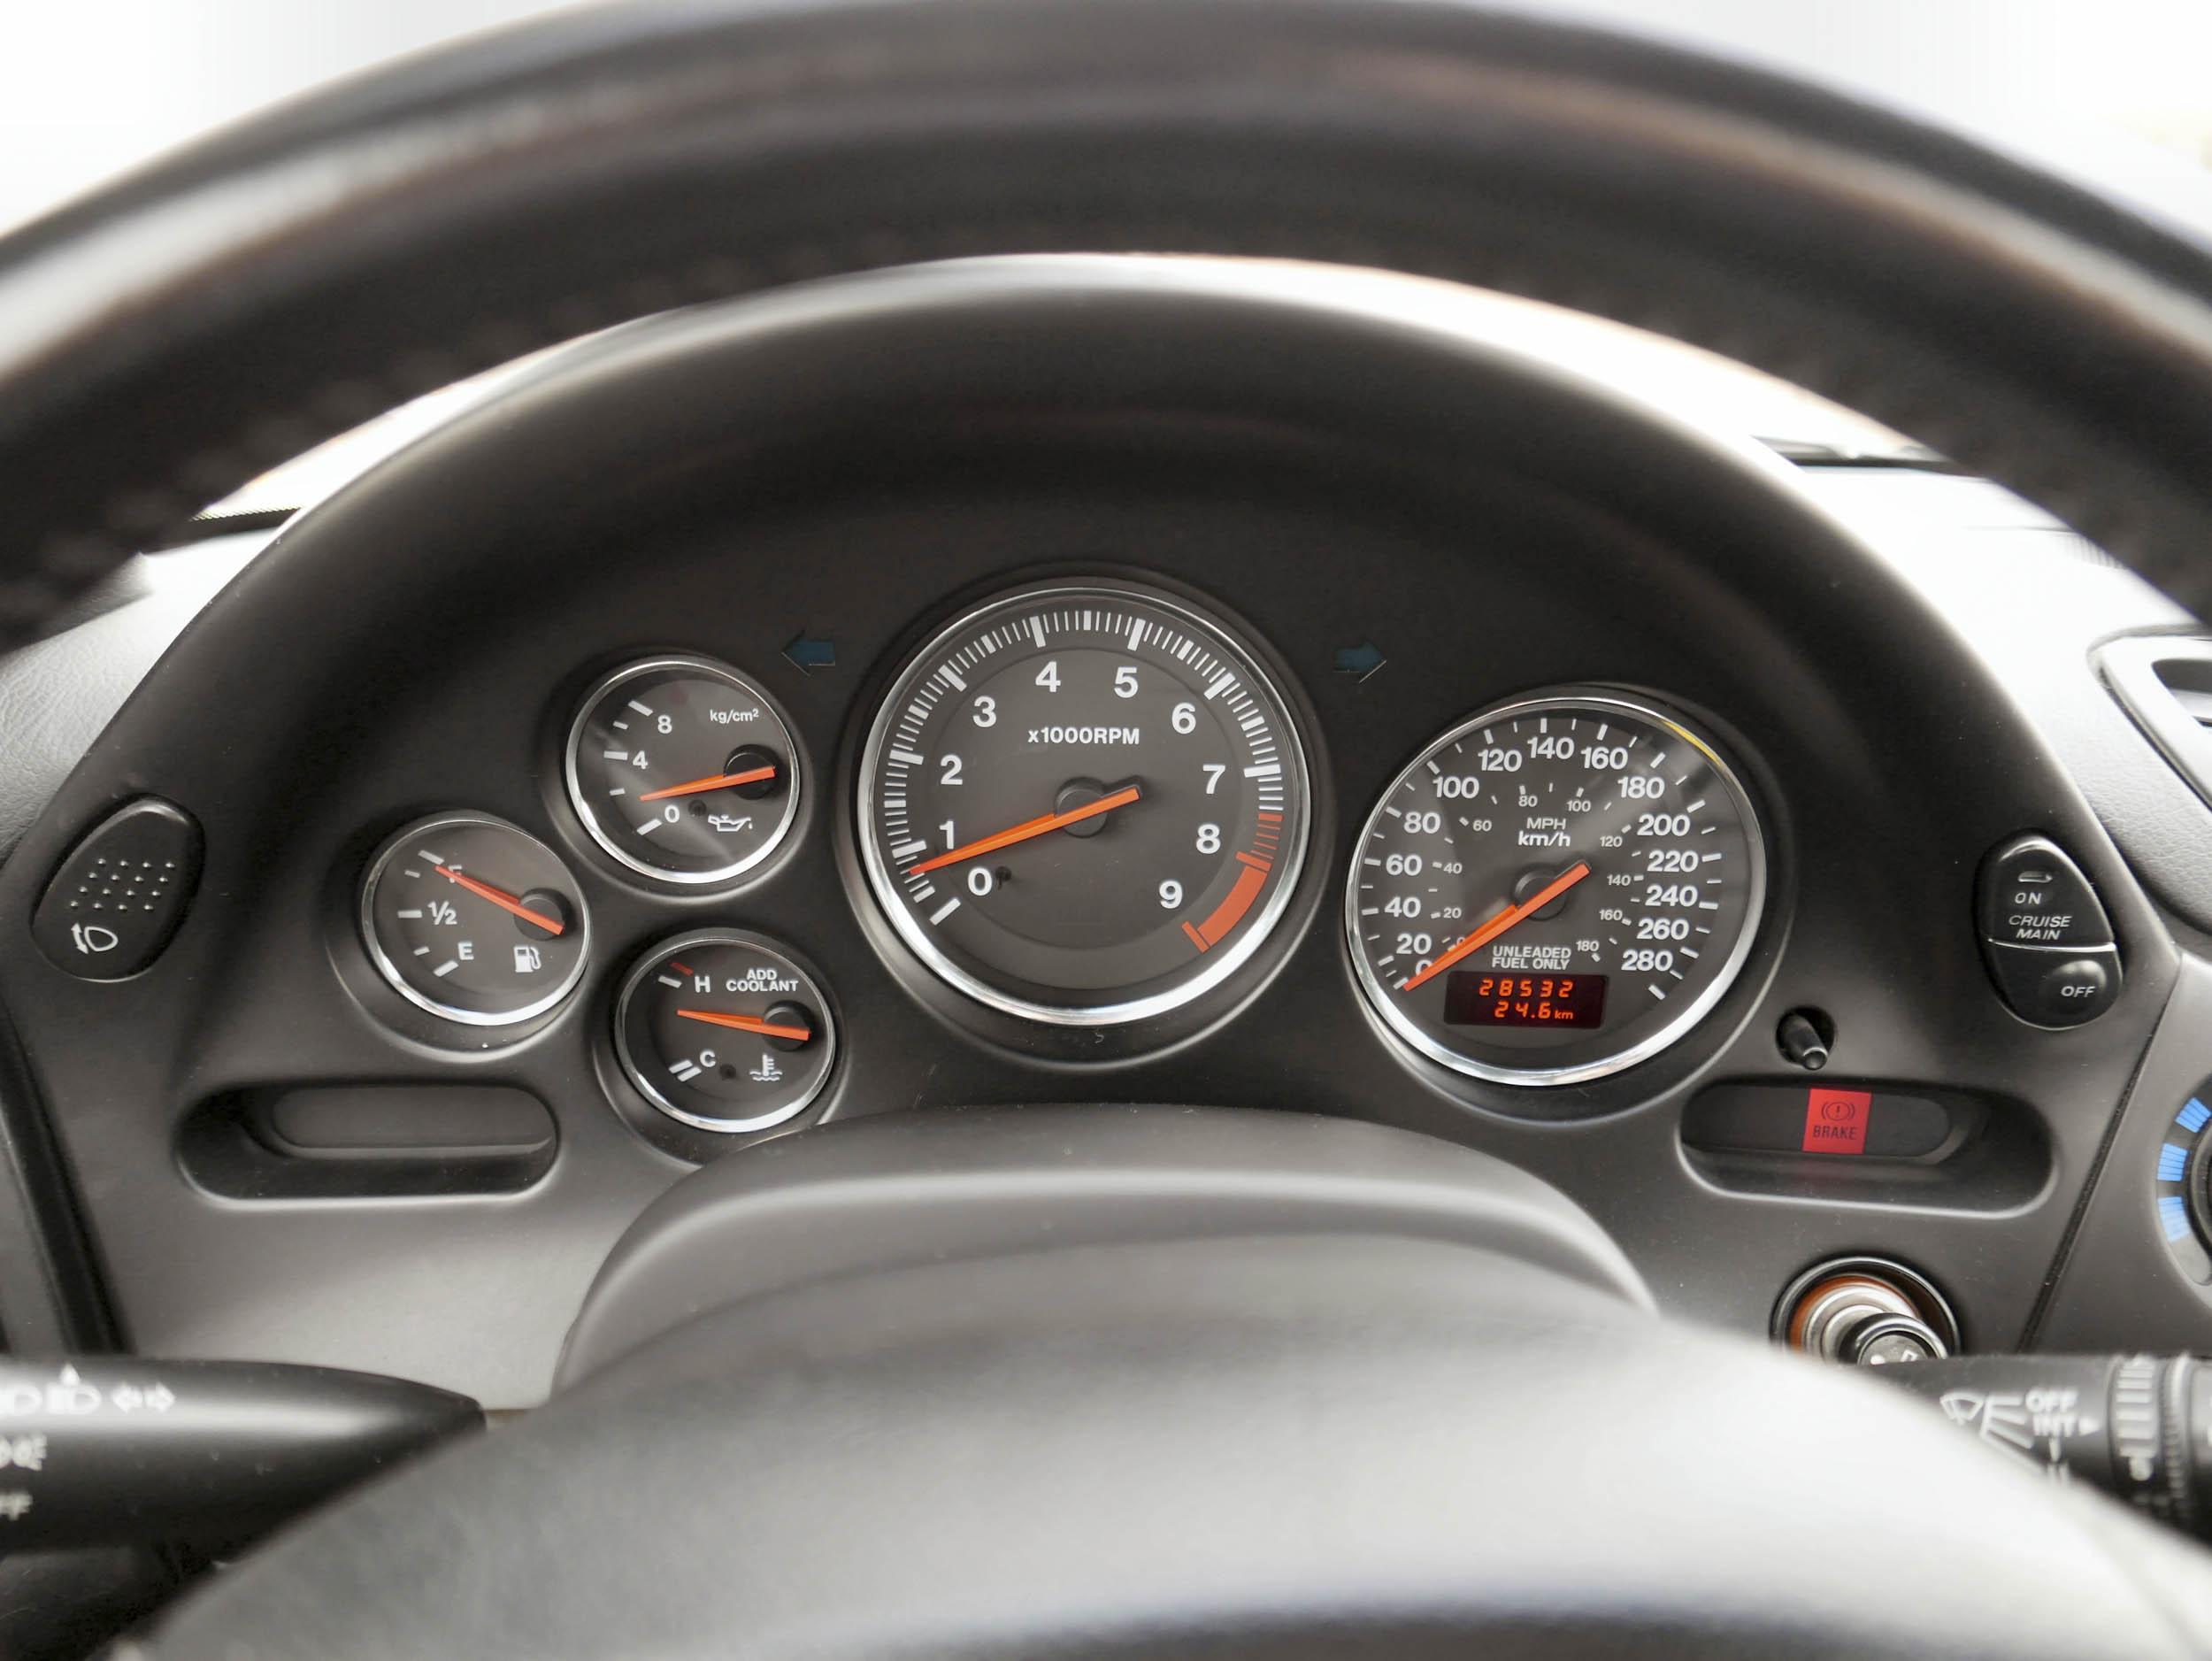 Mazda RX-7 gauge cluster